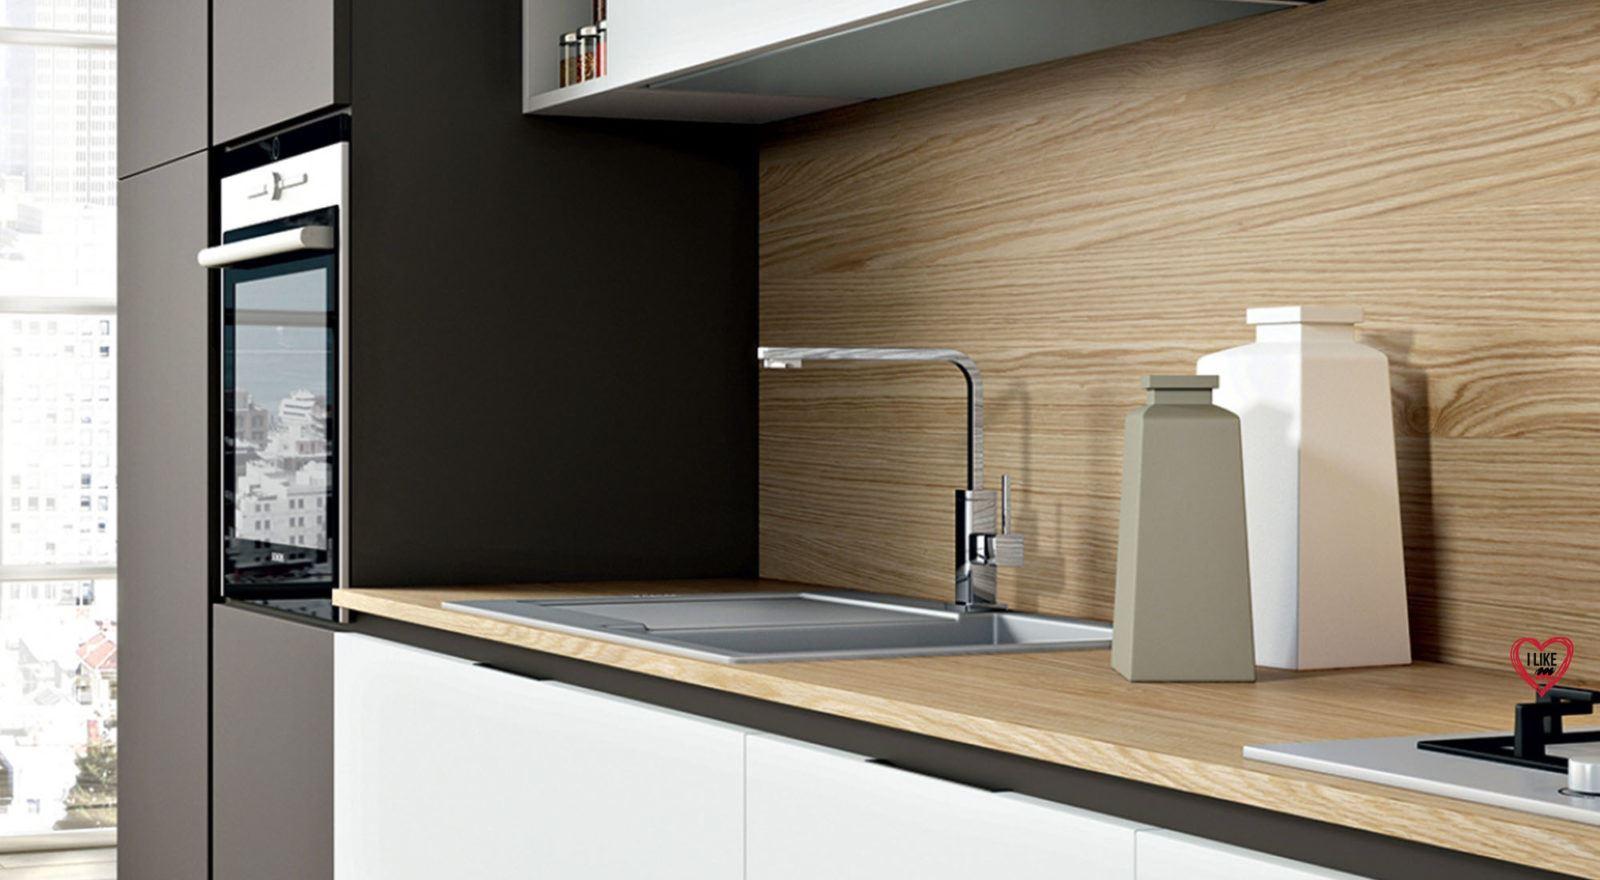 Cucine piccole moderne e componibili. Arredo cucina piccola ...